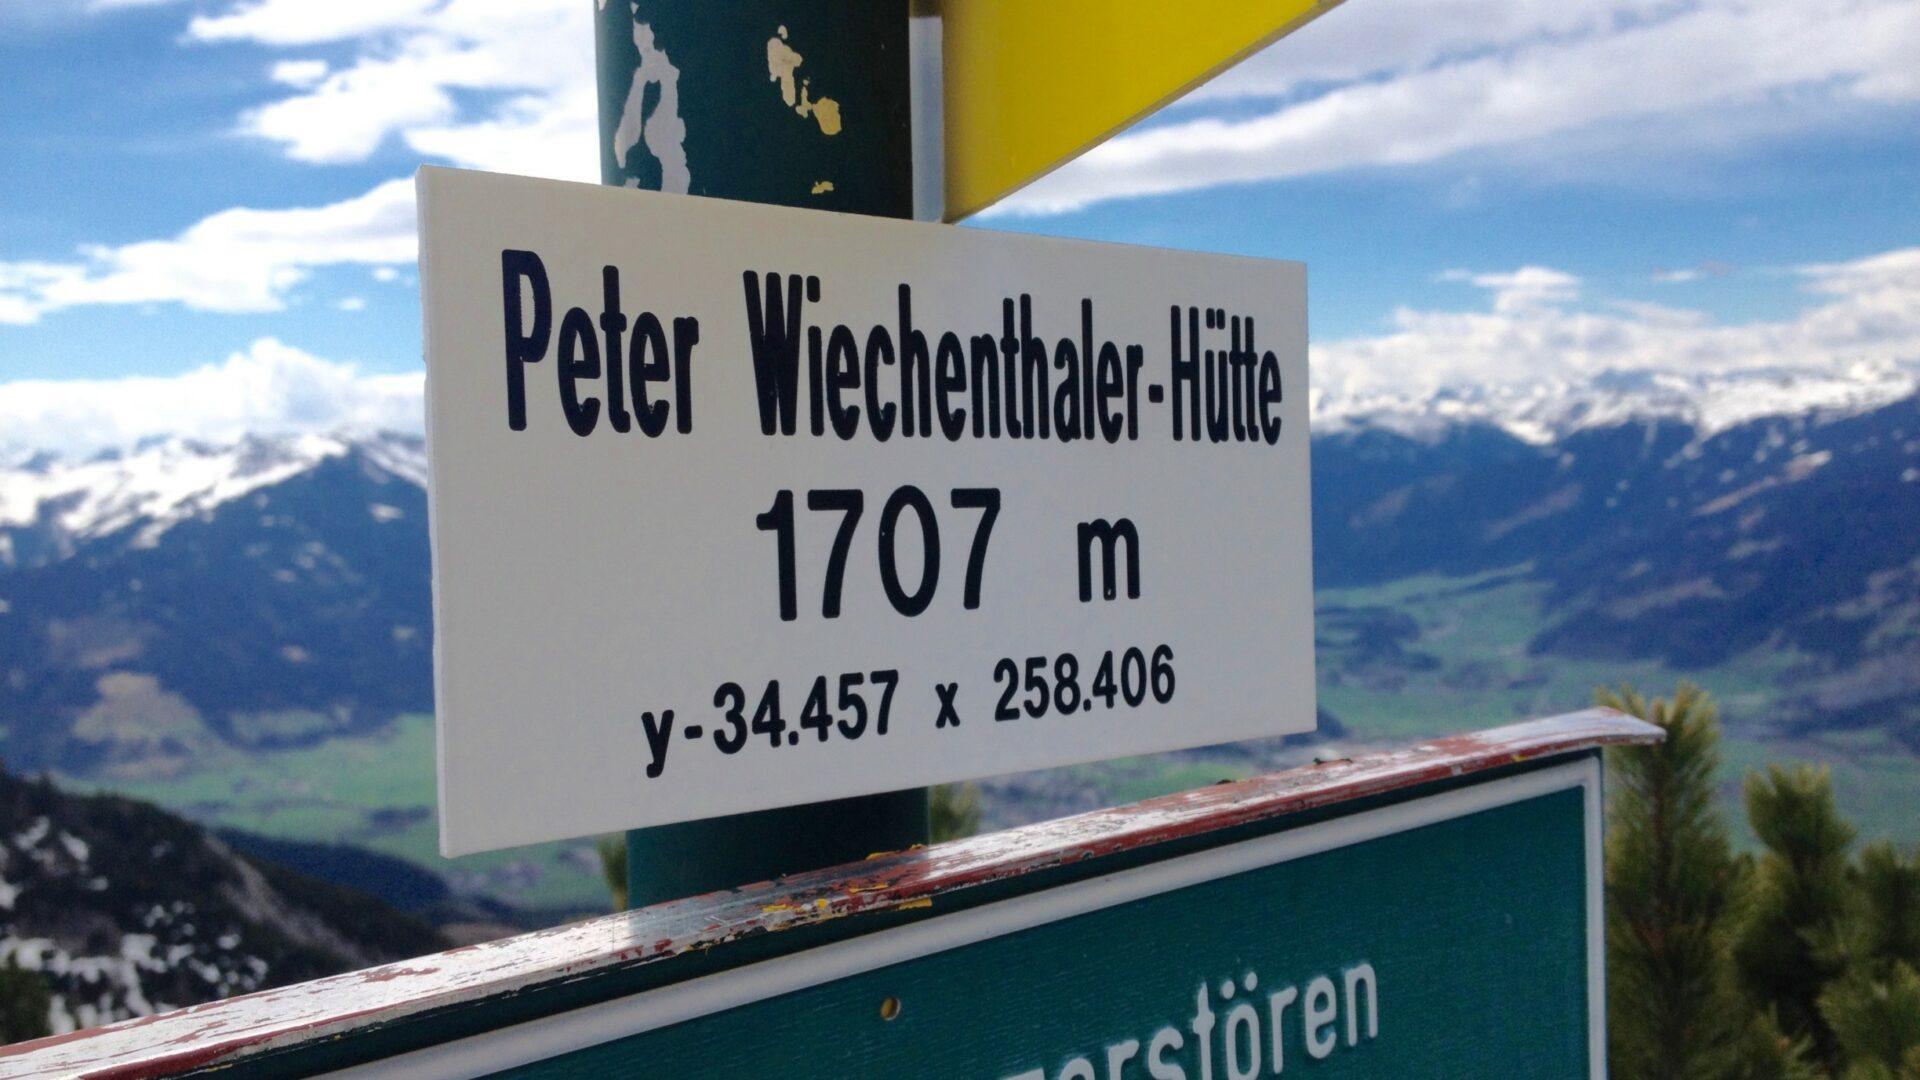 An der Peter-Wiechenthaler-Hütte